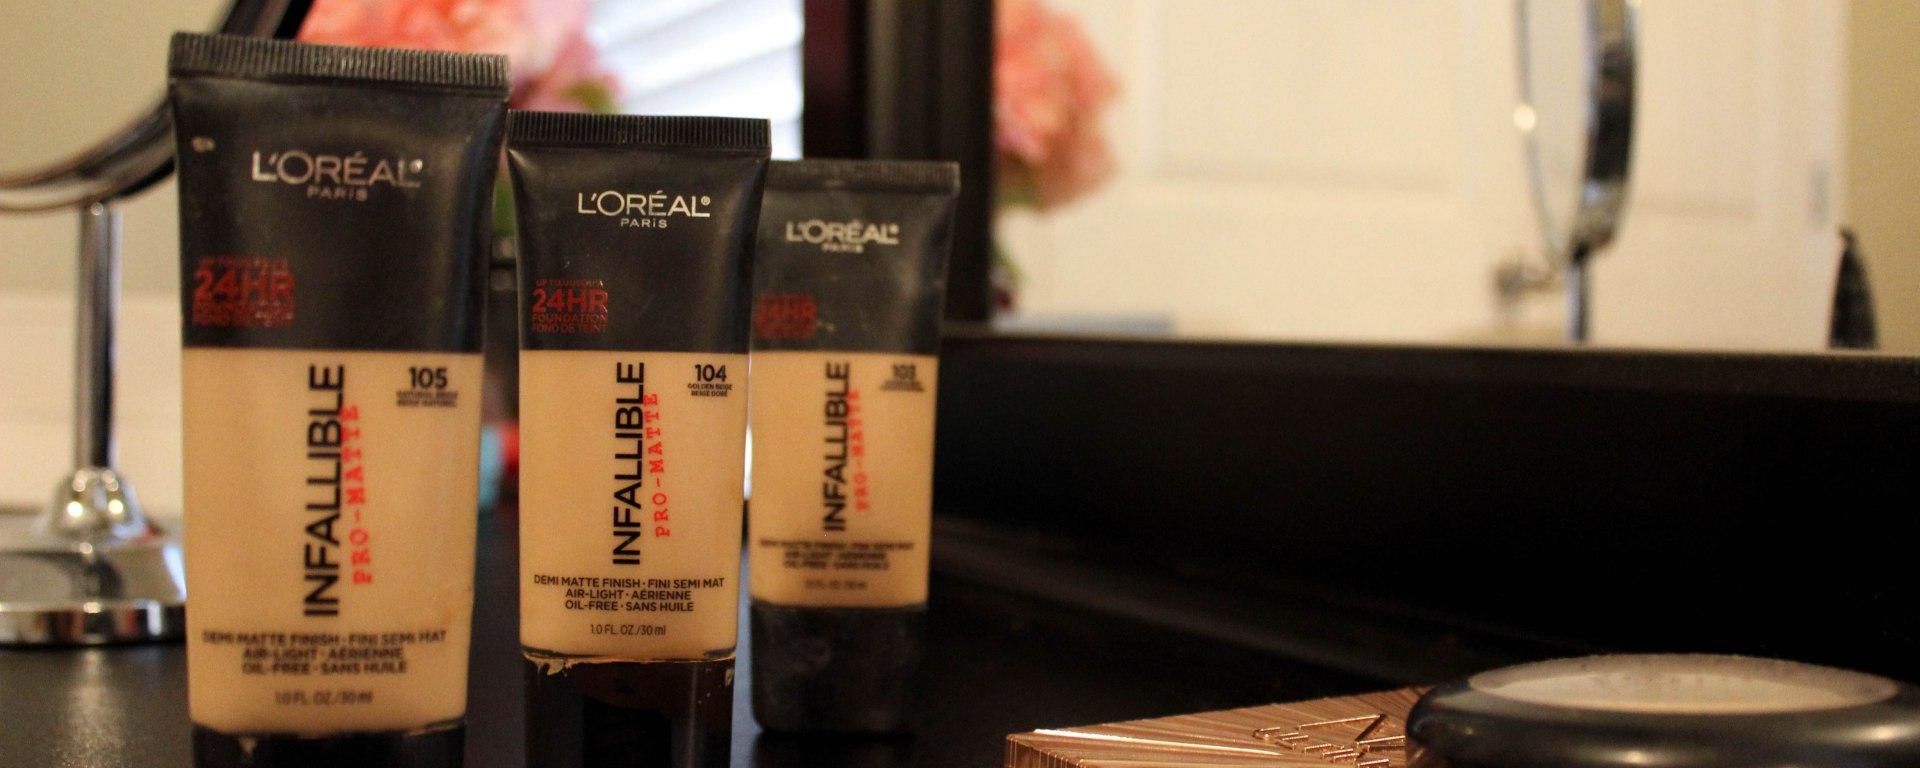 Loral Infallible Pro Matte 24hr Foundation Makeup Review Ktsw 899 Loreal Paris